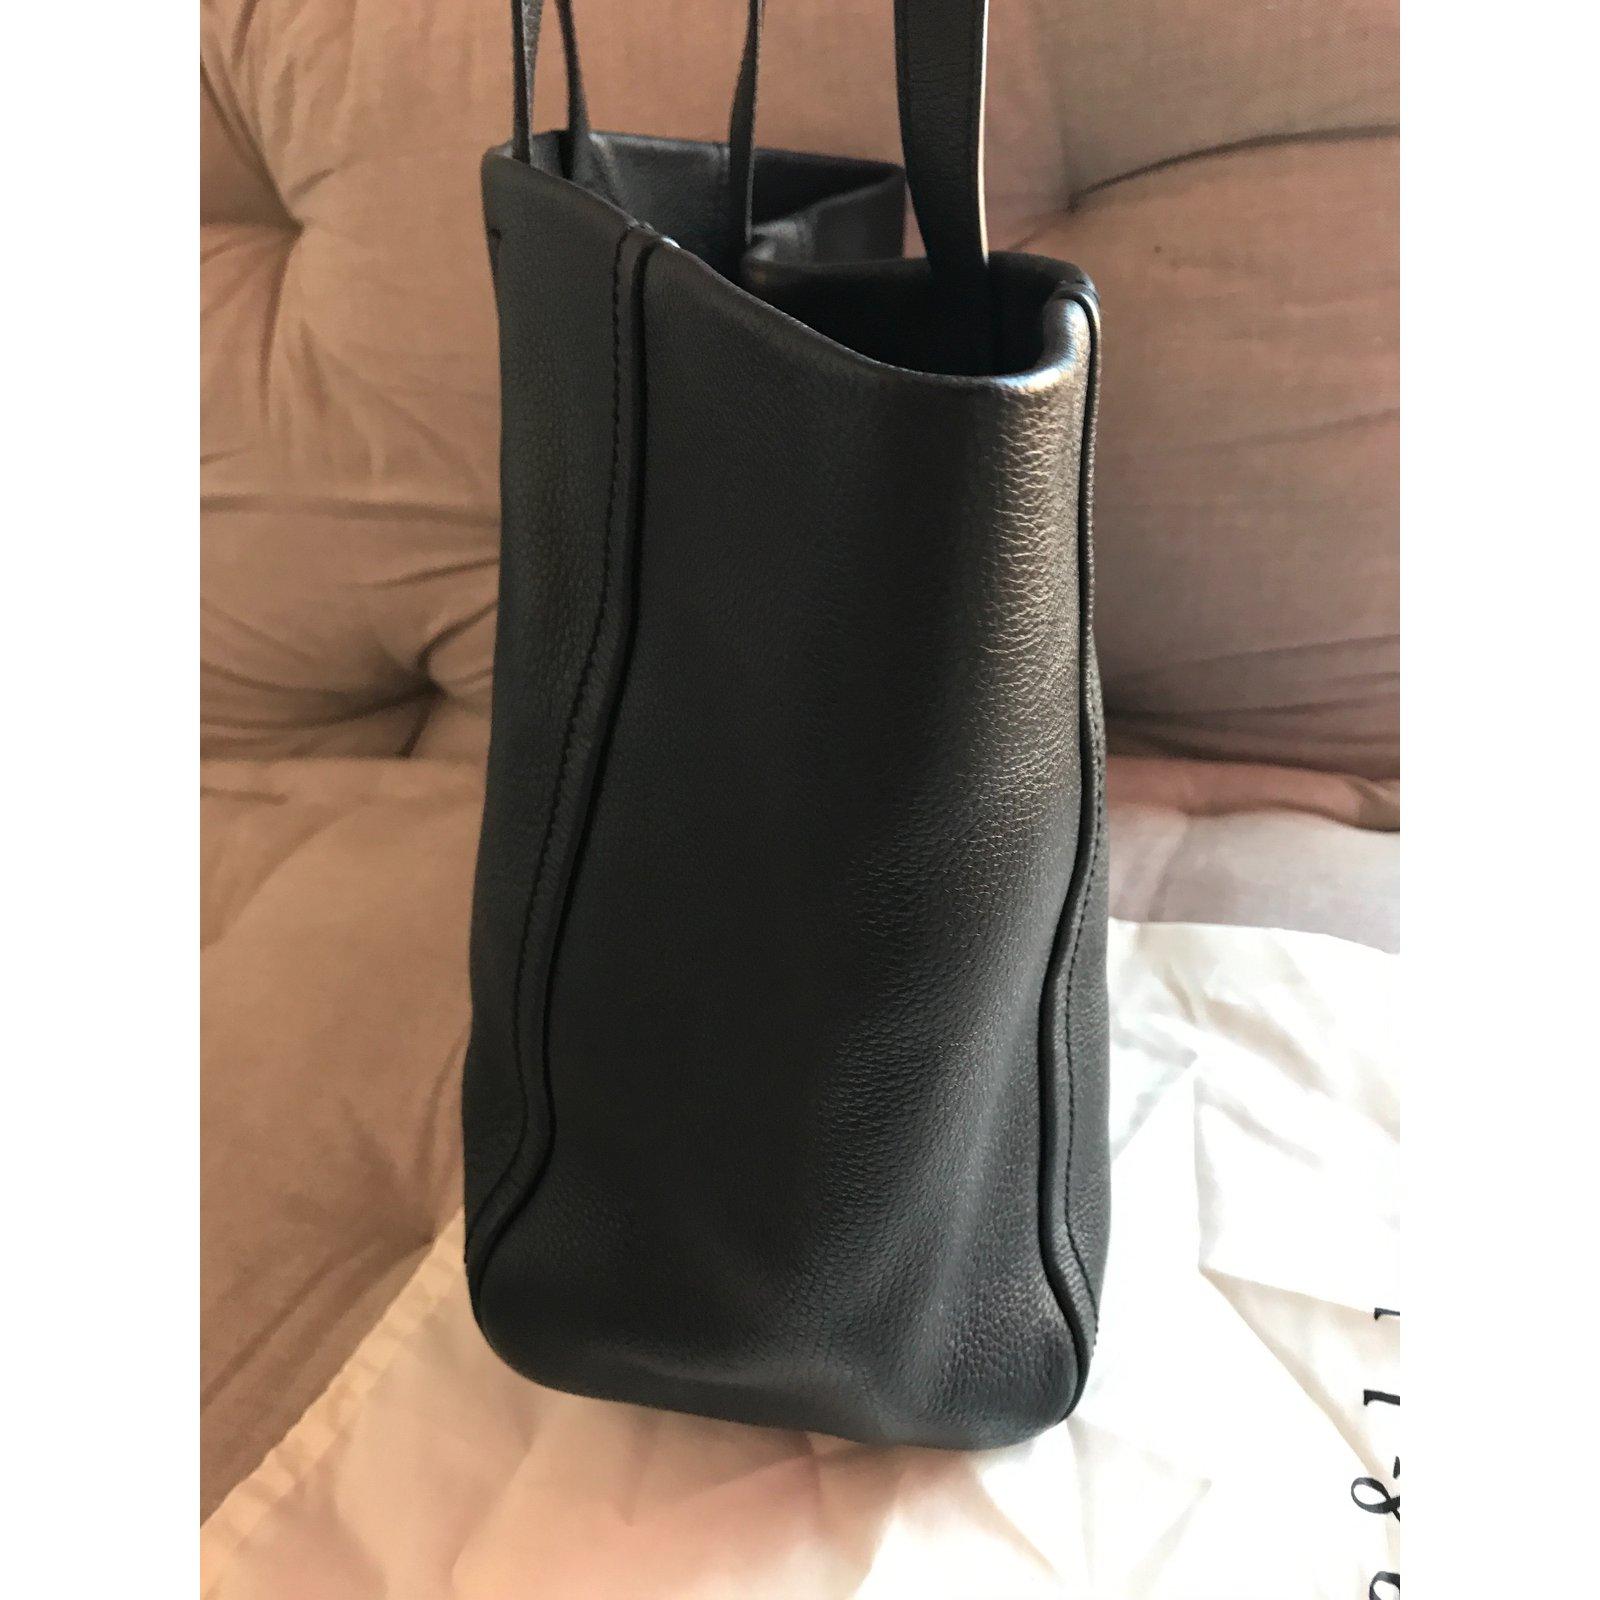 b28695e0d64 Bimba & Lola Handbag Totes Leather Black,Golden ref.44837 - Joli Closet